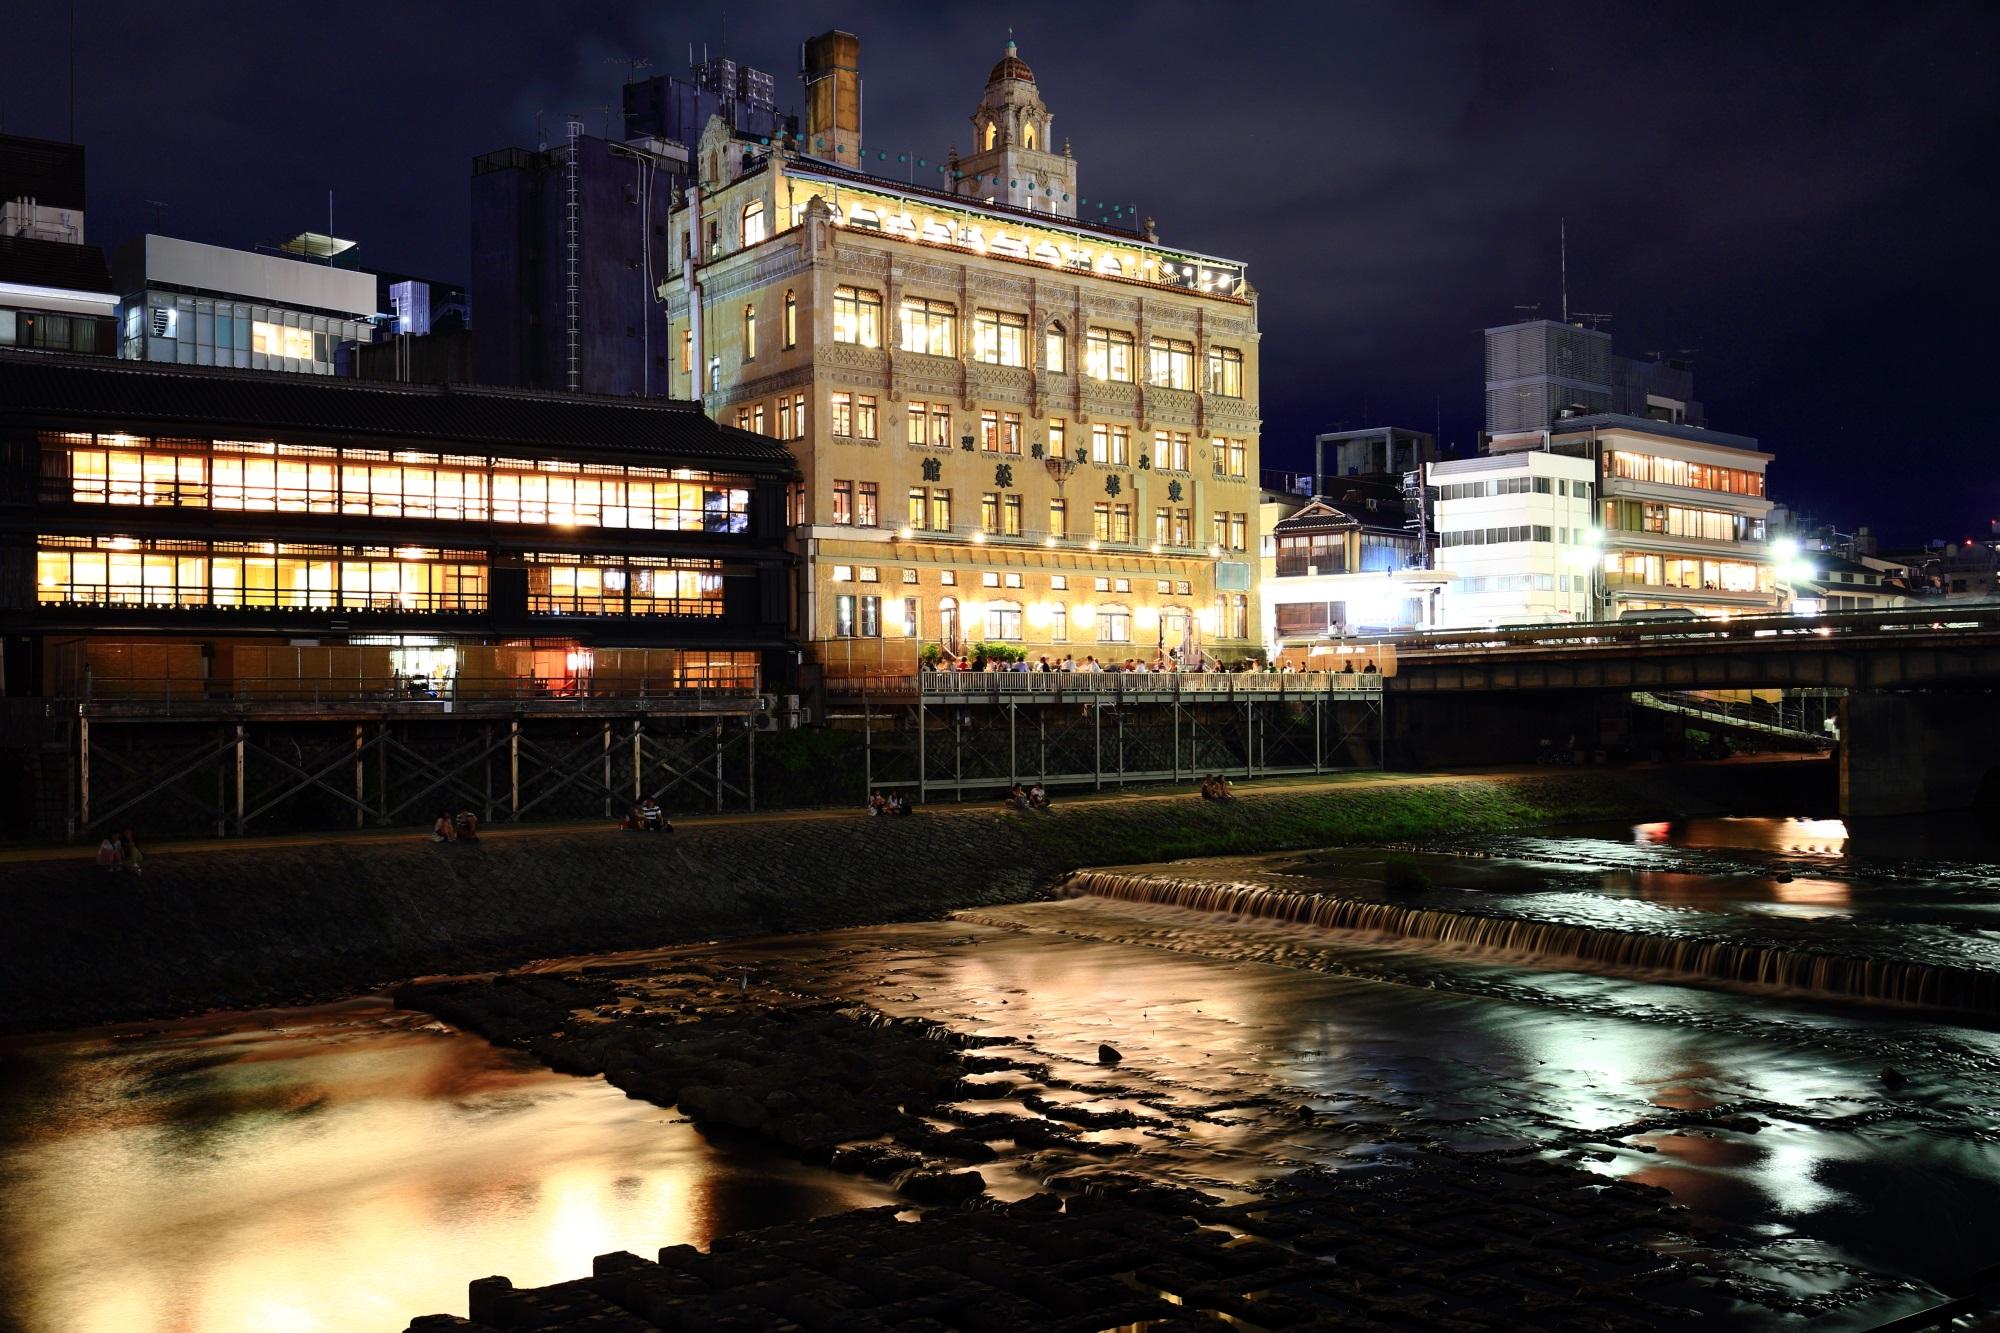 京都鴨川の納涼床と中華料理の東華菜館